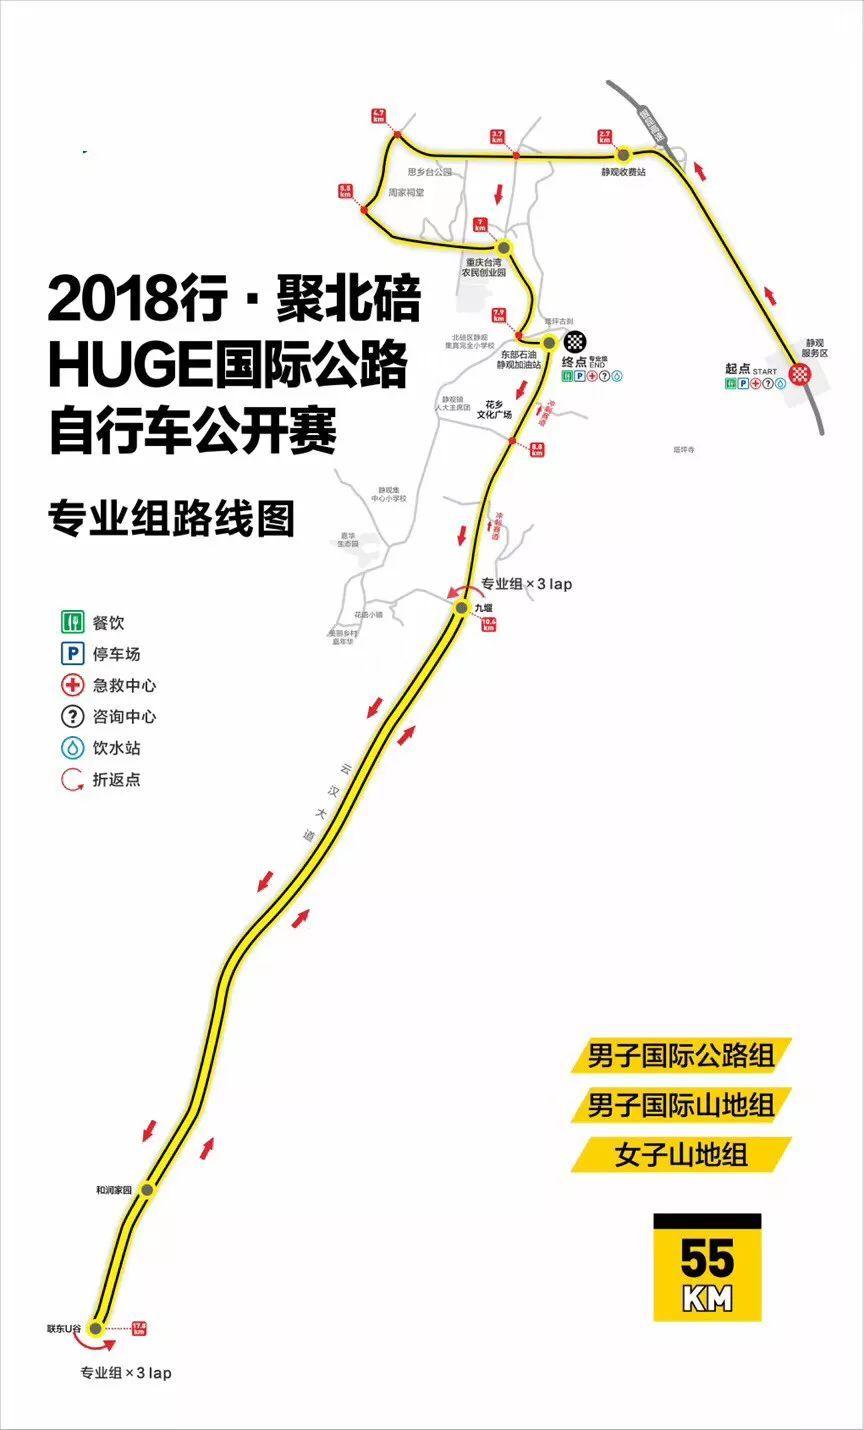 2019行·聚北碚HUGE国际公路自行车公开赛